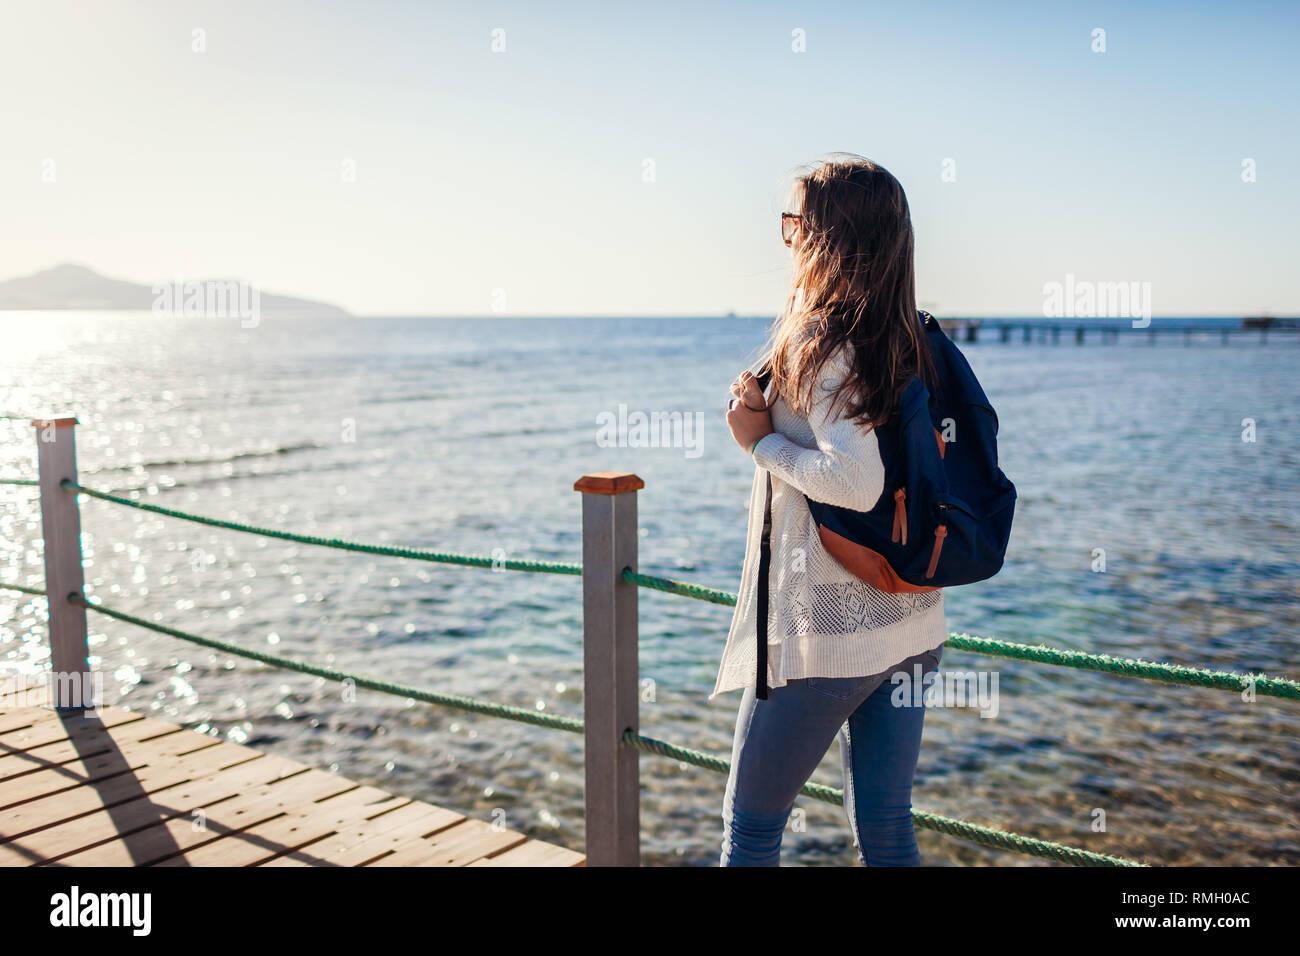 Junge weibliche Touristen mit Rucksack Landschaft bewundern, das Rote Meer und die Insel Tiran zu Fuß auf den Pier. Reisen Konzept. Sommer Urlaub Stockbild